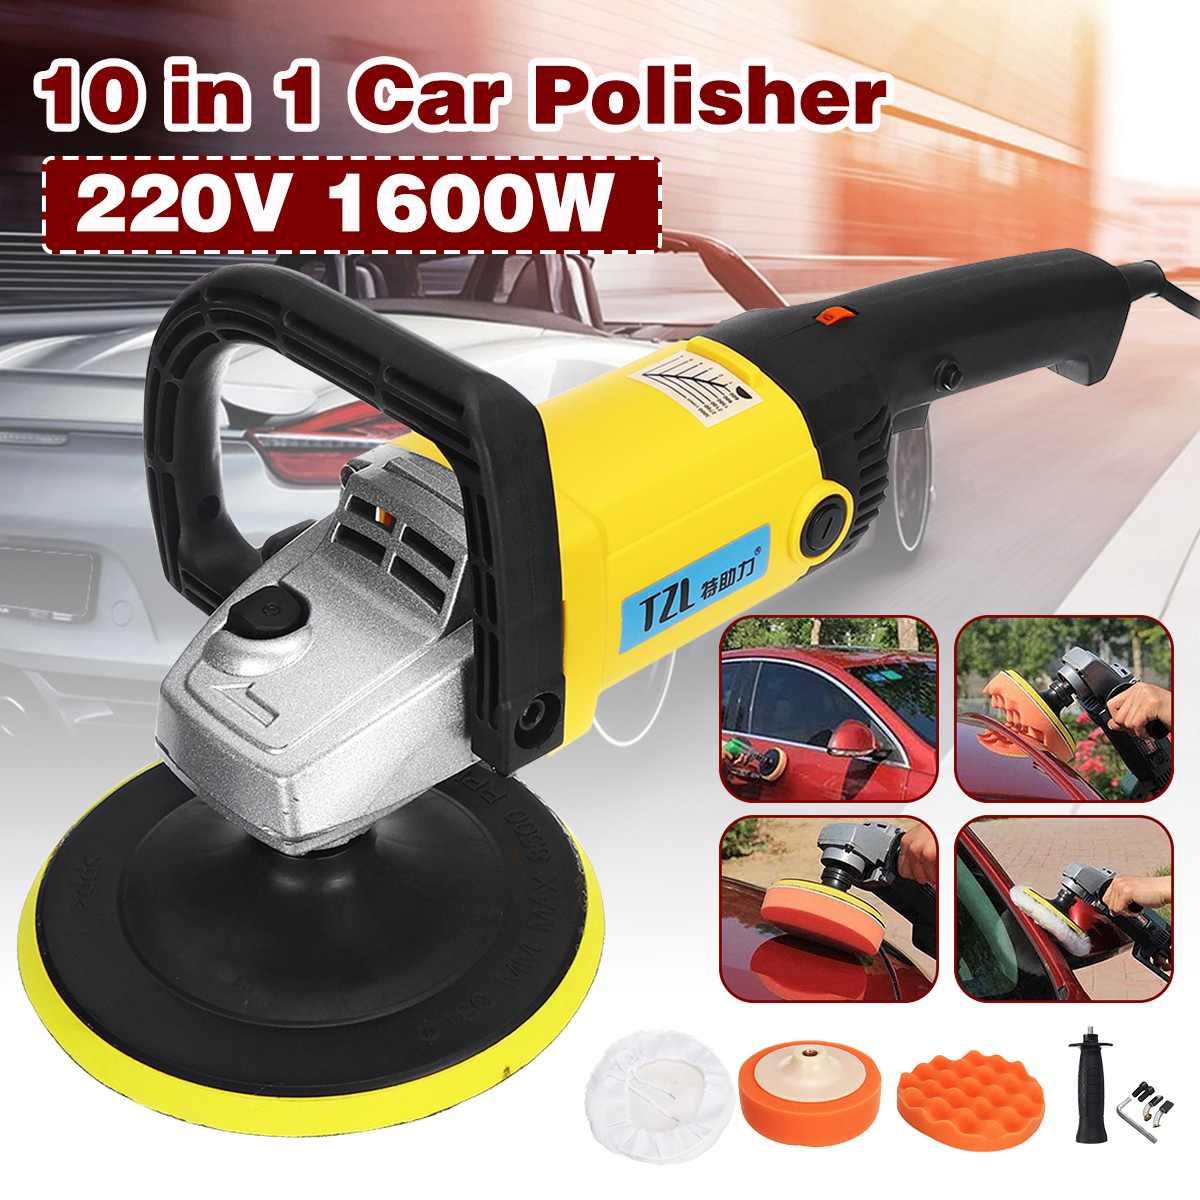 Polisseuse de voiture 1600W vitesse Variable 3000 tr/min 180mm voiture outil de soin de peinture Machine de polissage ponceuse 220V M14 électrique polisseuse de sol